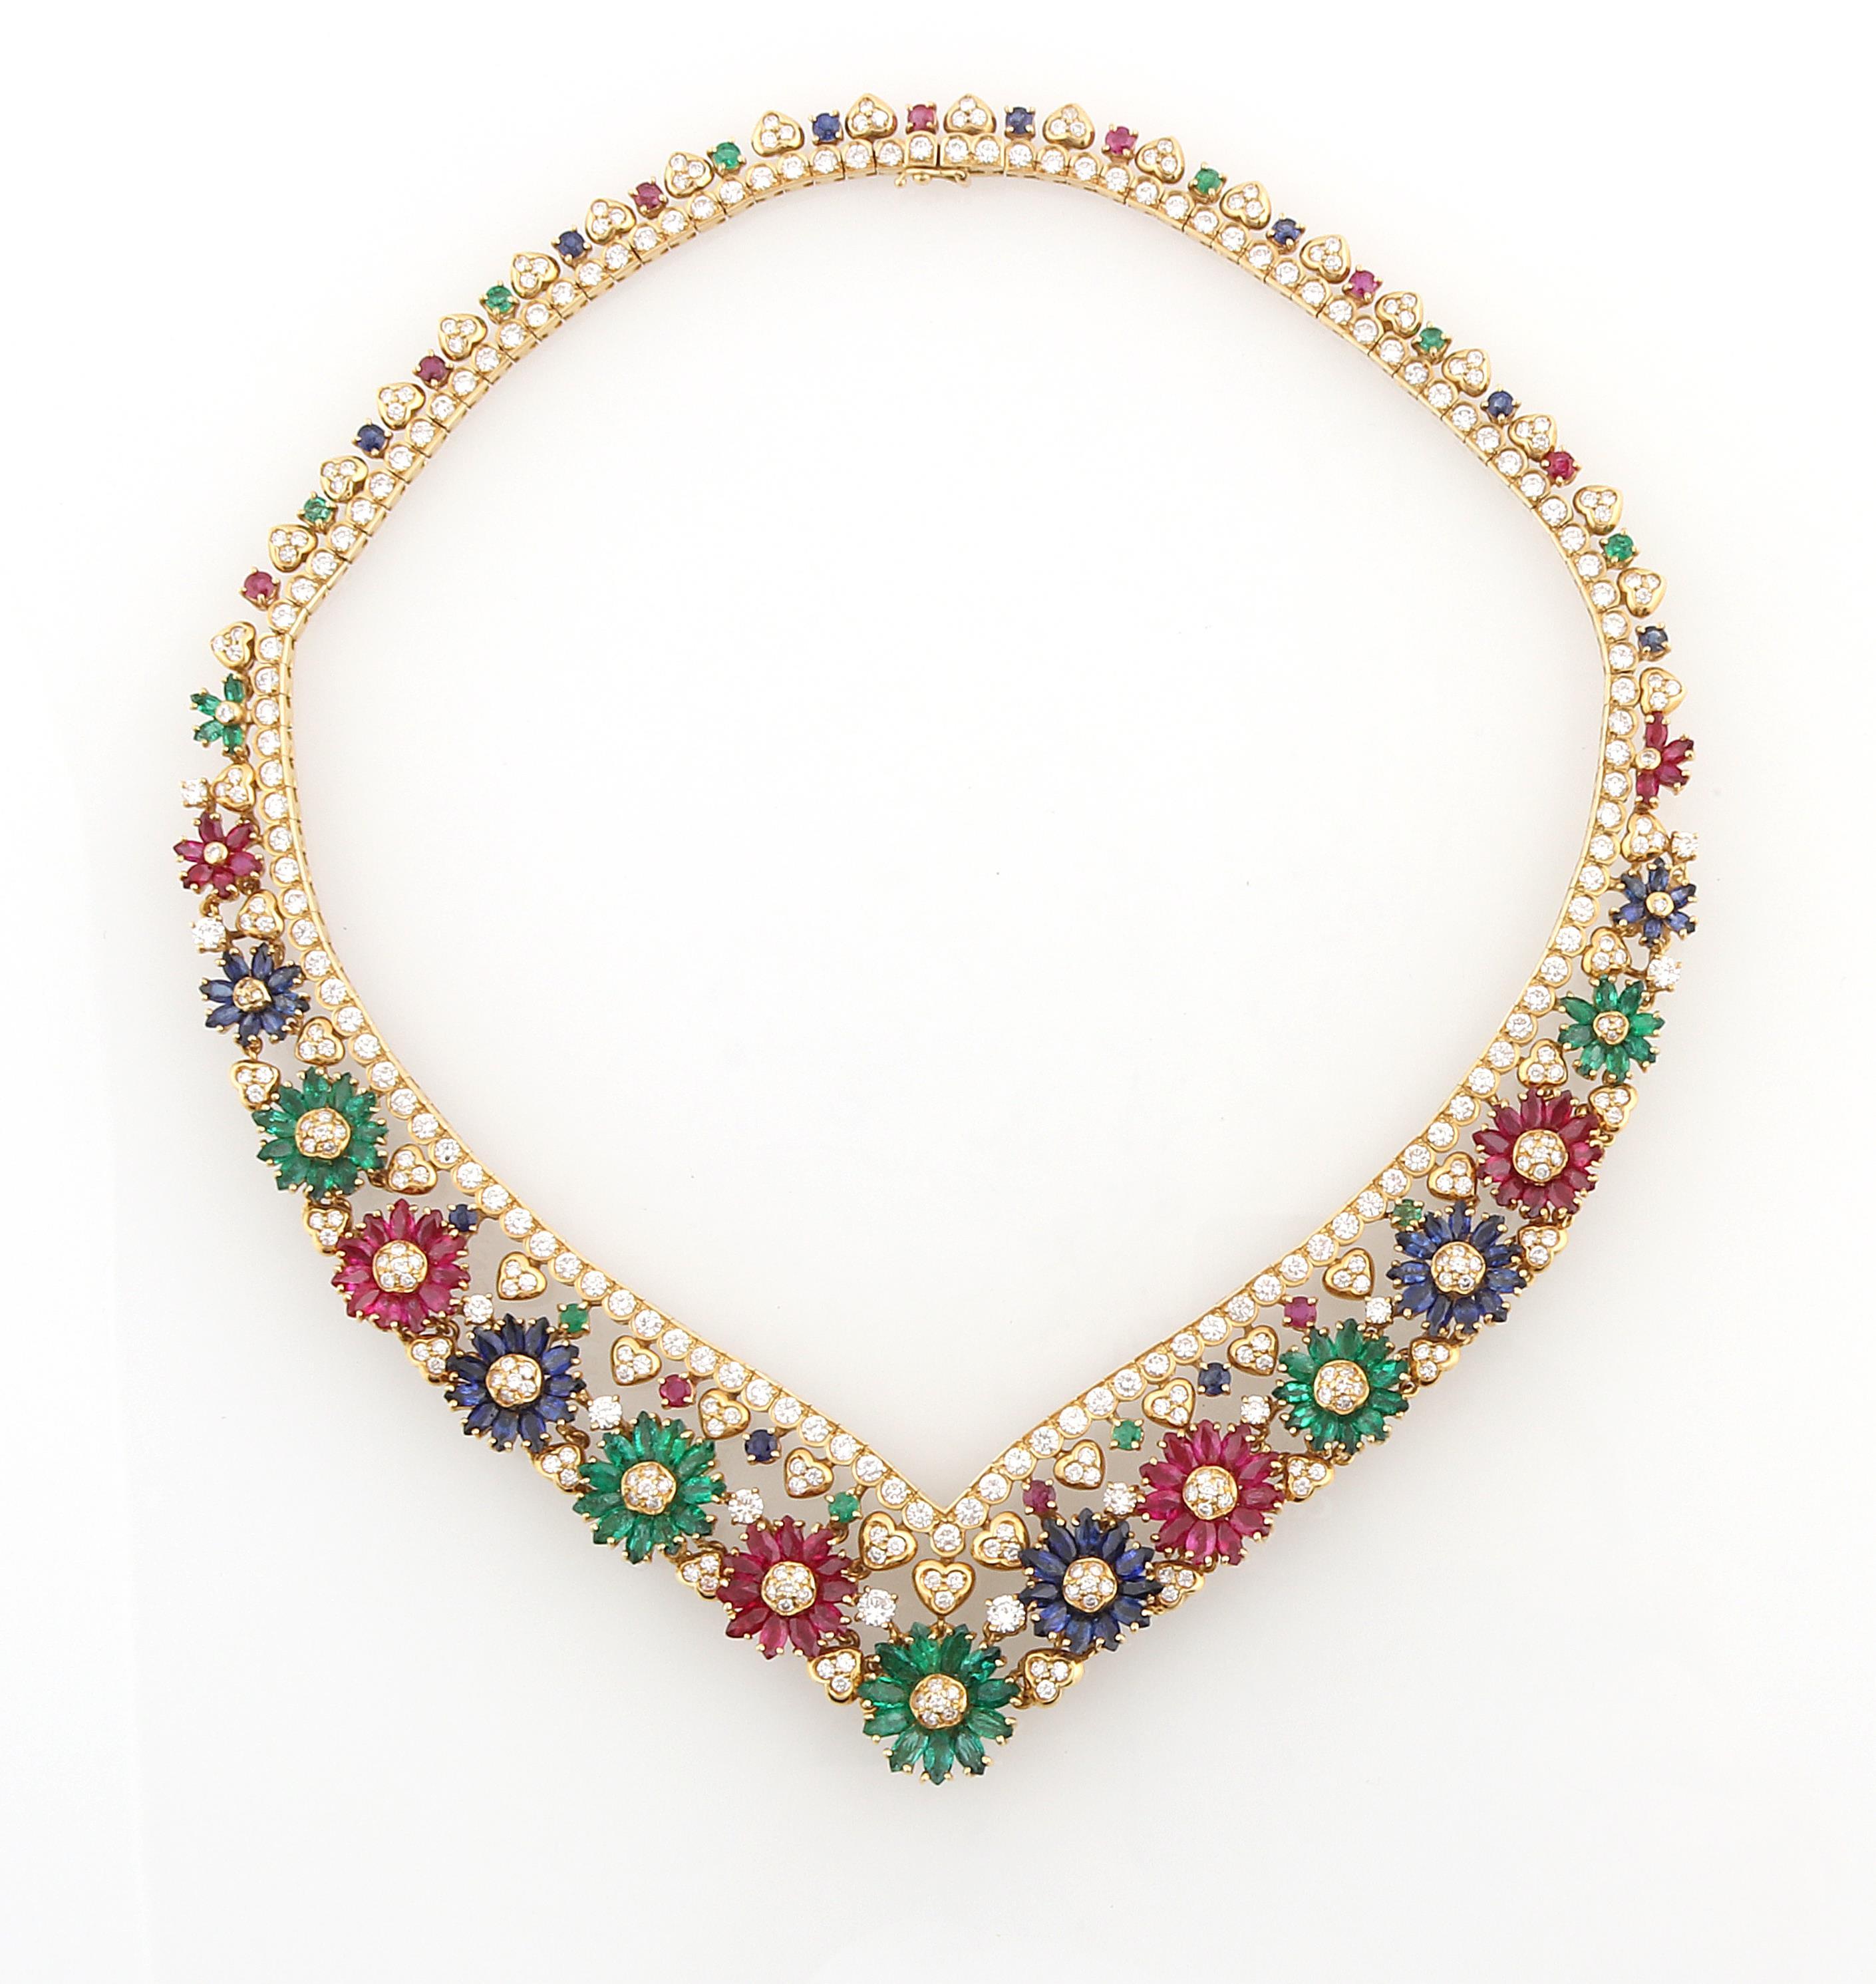 Collier en or, saphirs, rubis et émeraudes, image ©Dorotheum